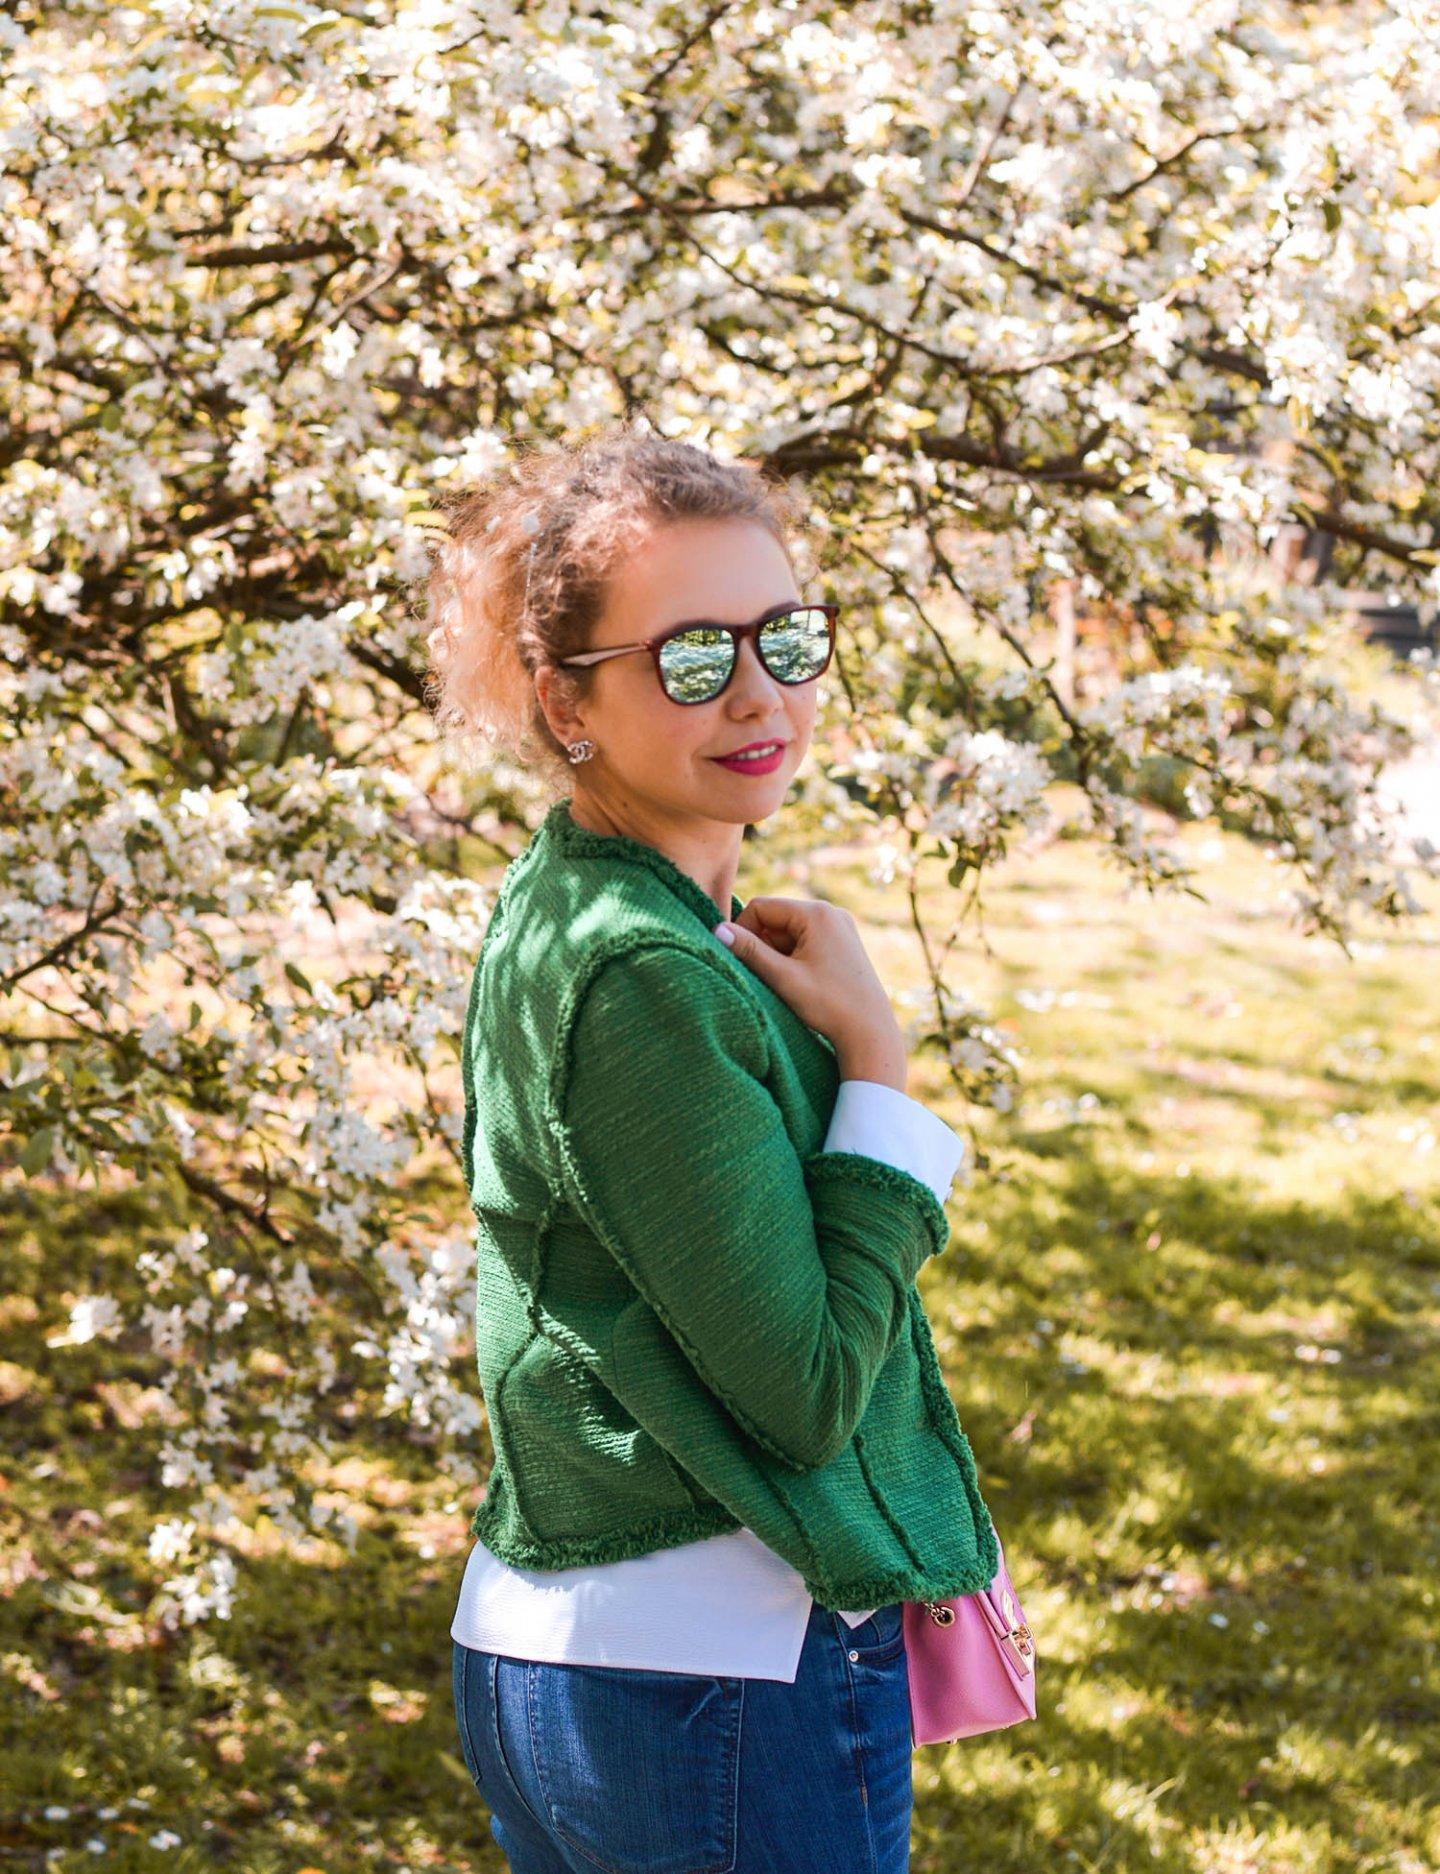 farbige tweedjacken - Frühlingsoutfit in grün und blau